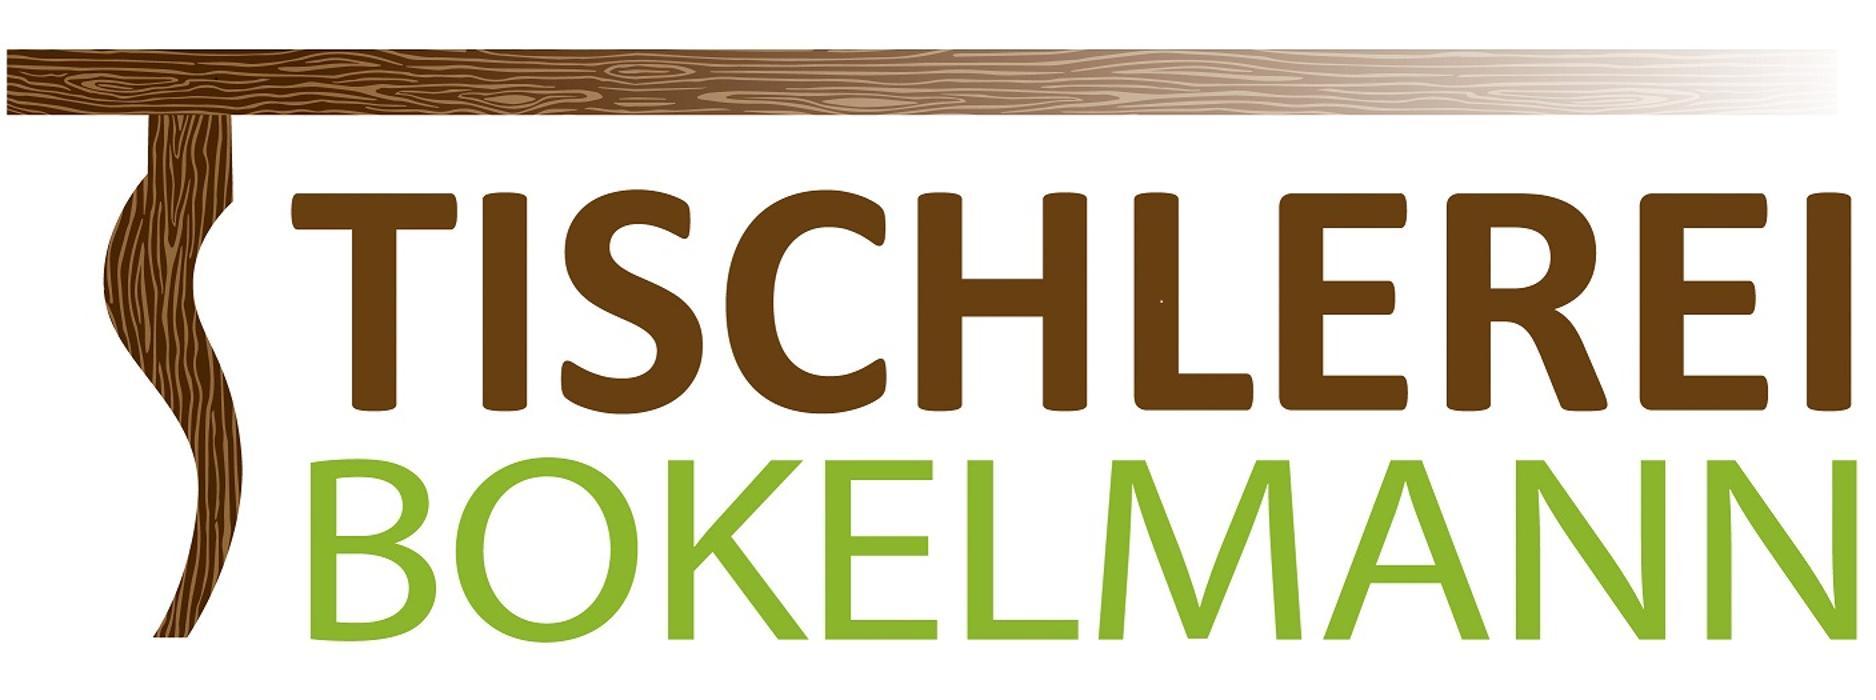 Tischlerei Bokelmann